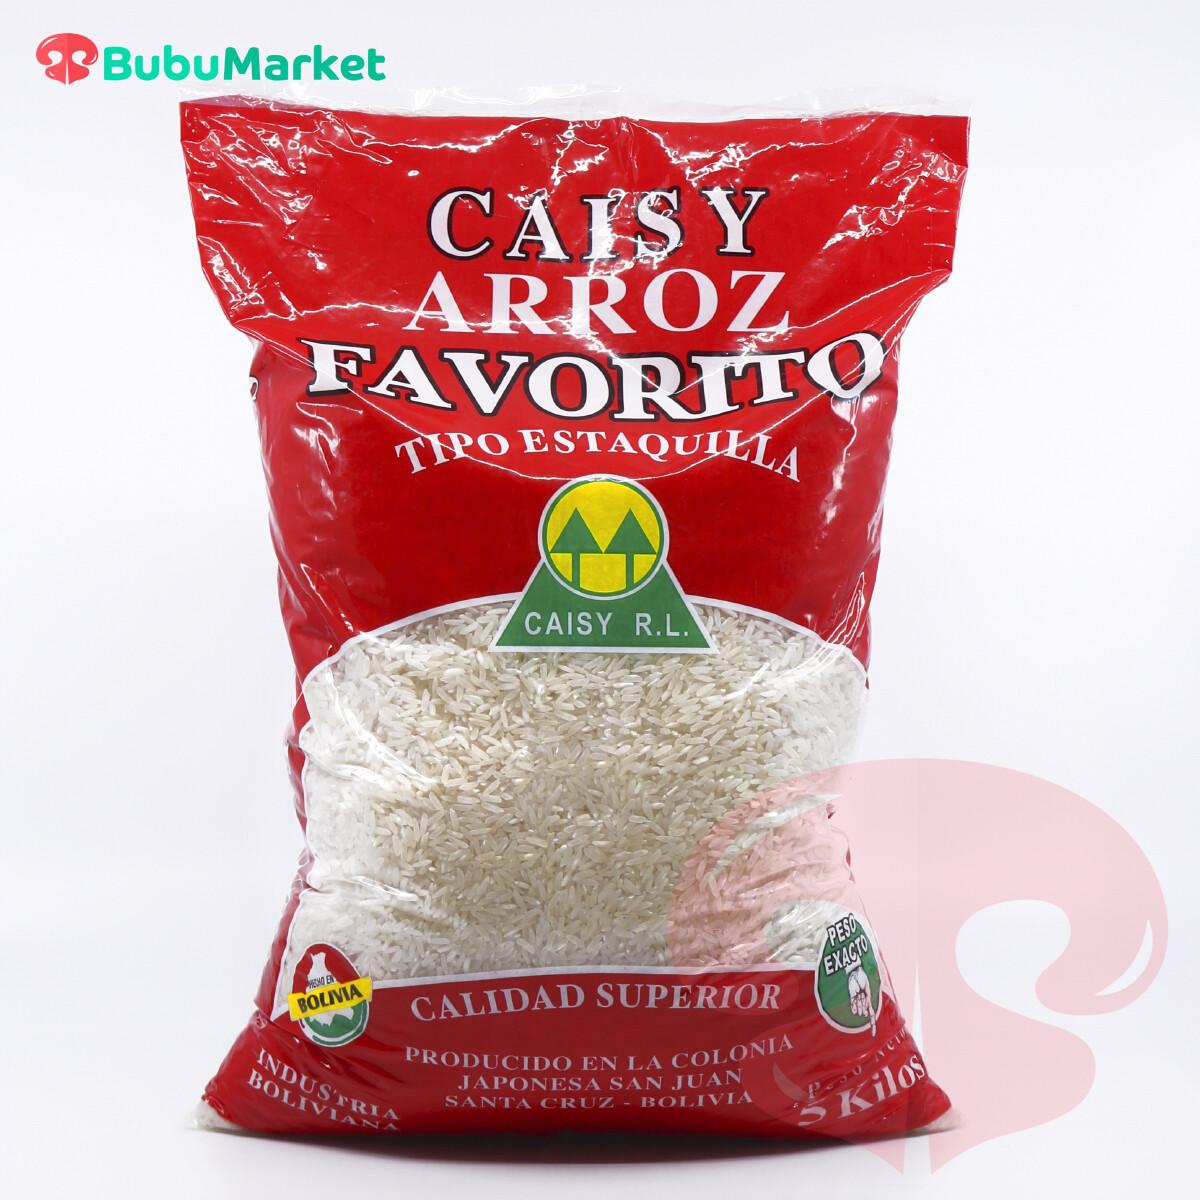 ARROZ CAISY FAVORITO BOLSA DE 5 KL.